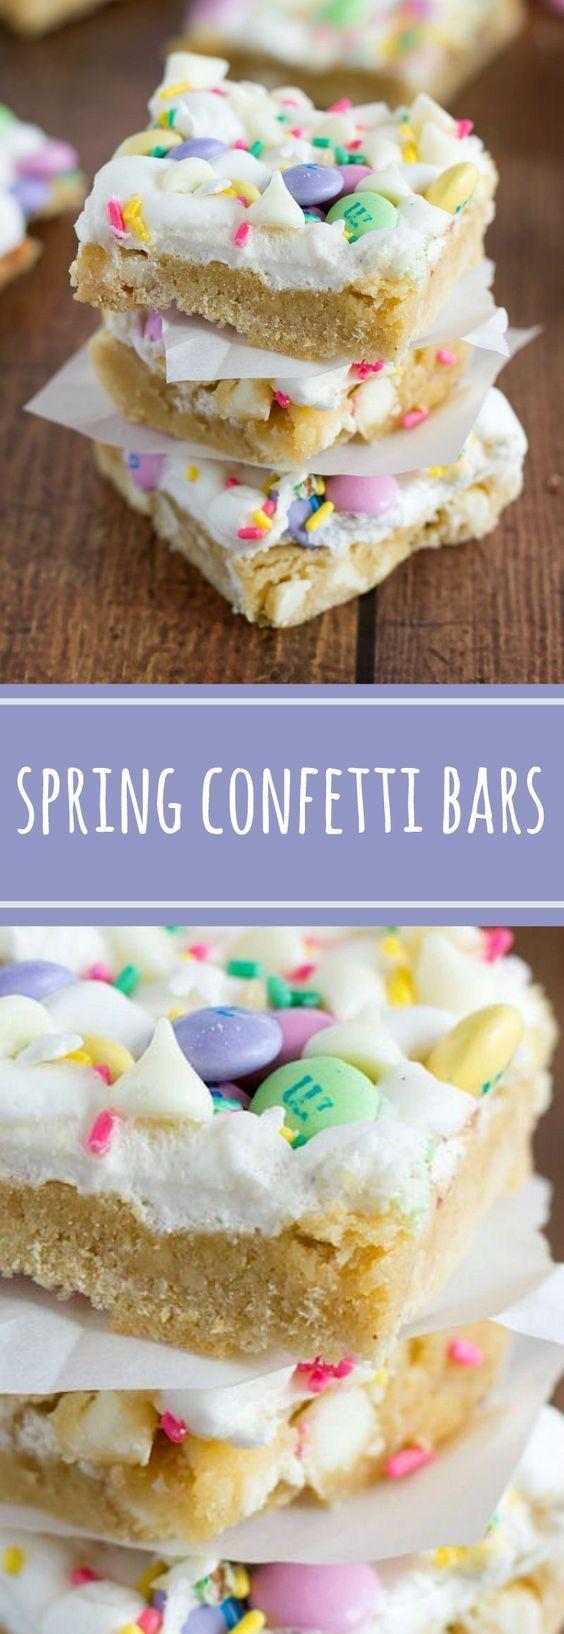 Spring confetti bars recipe confetti bars confetti for Easy dessert recipes for easter